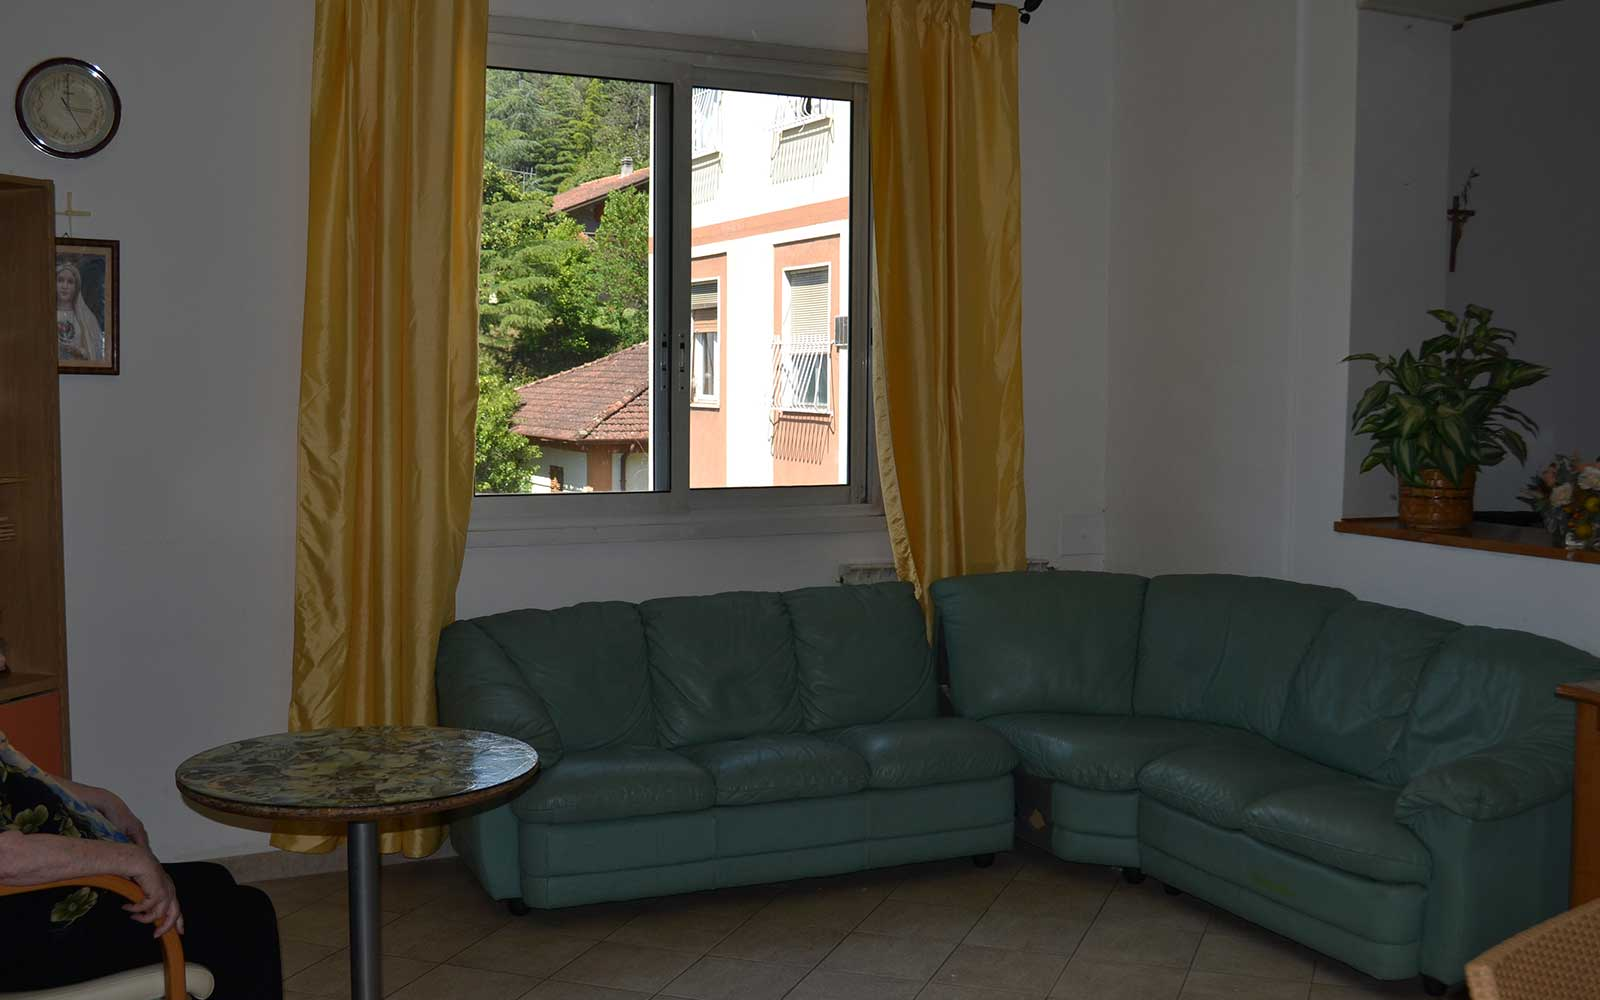 un divano angolare in pelle verde